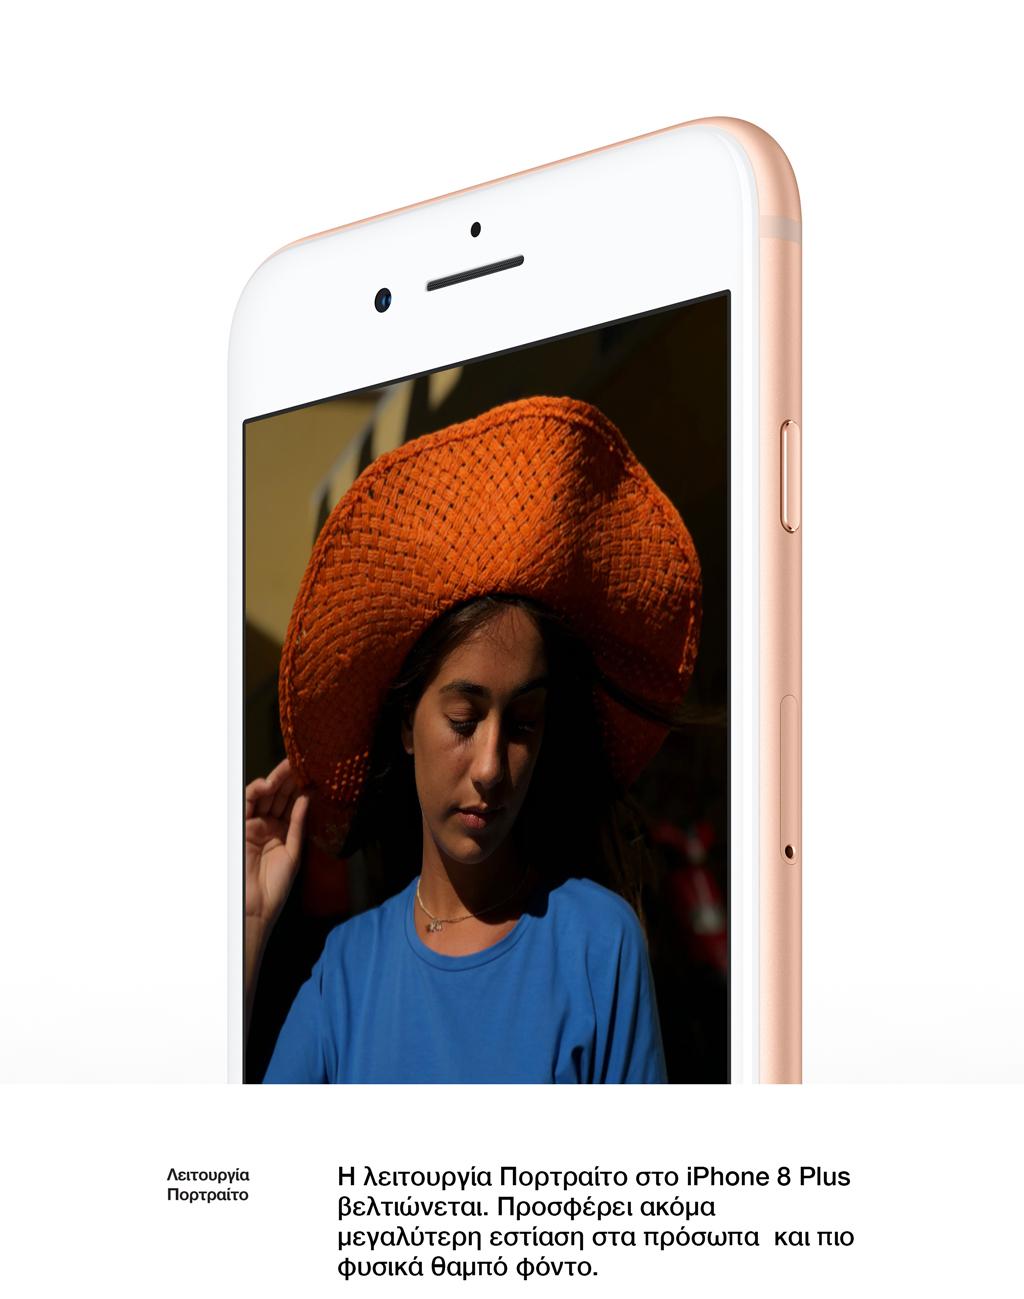 Λειτουργία Πορτραίτο. Η λειτουργία Πορτραίτο στοiPhone 8 Plusβελτιώνεται. Προσφέρει ακόμα μεγαλύτερη εστίαση στα πρόσωπακαι πιο φυσικά θαμπό φόντο.